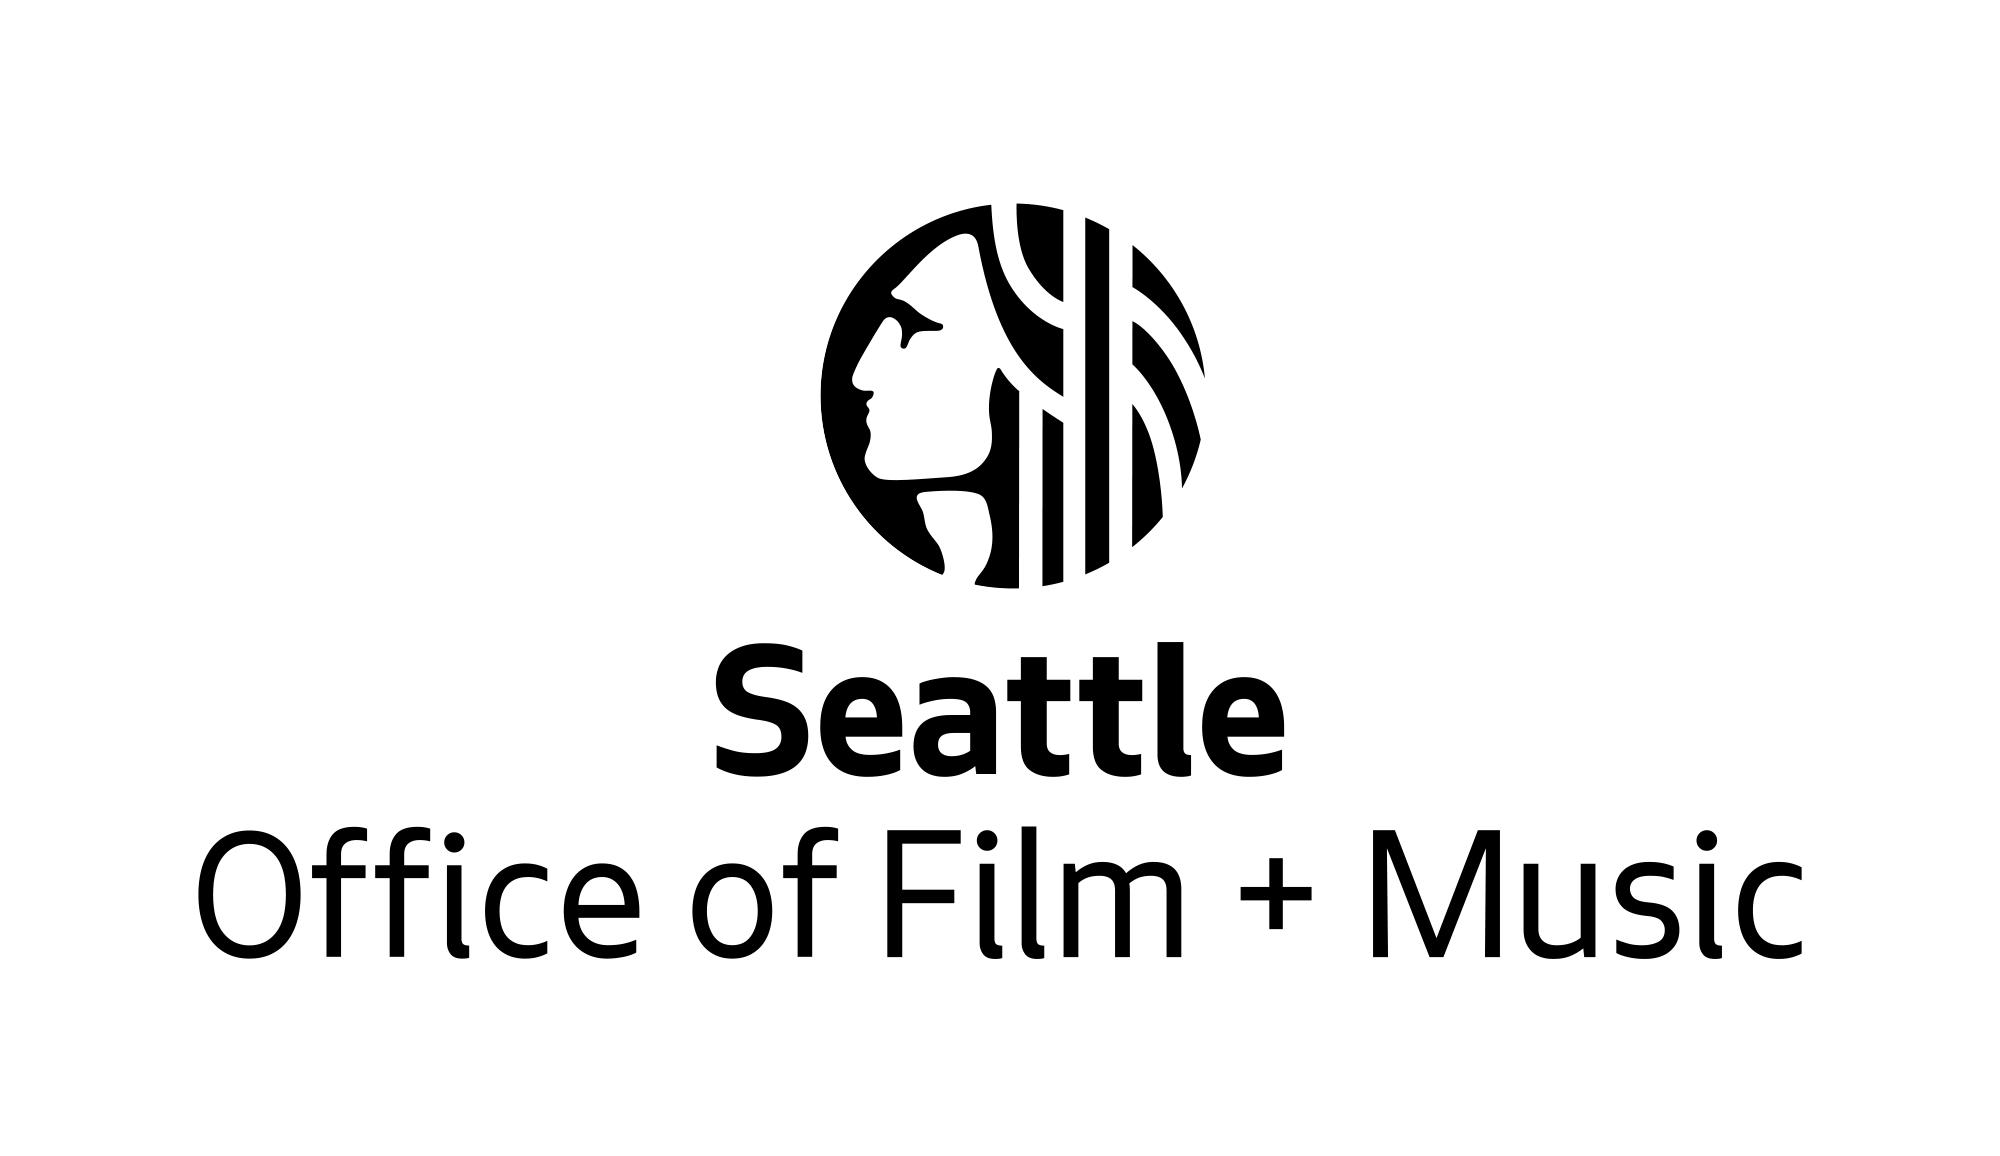 OFM-logo_vertical_black-black_digital_large.png